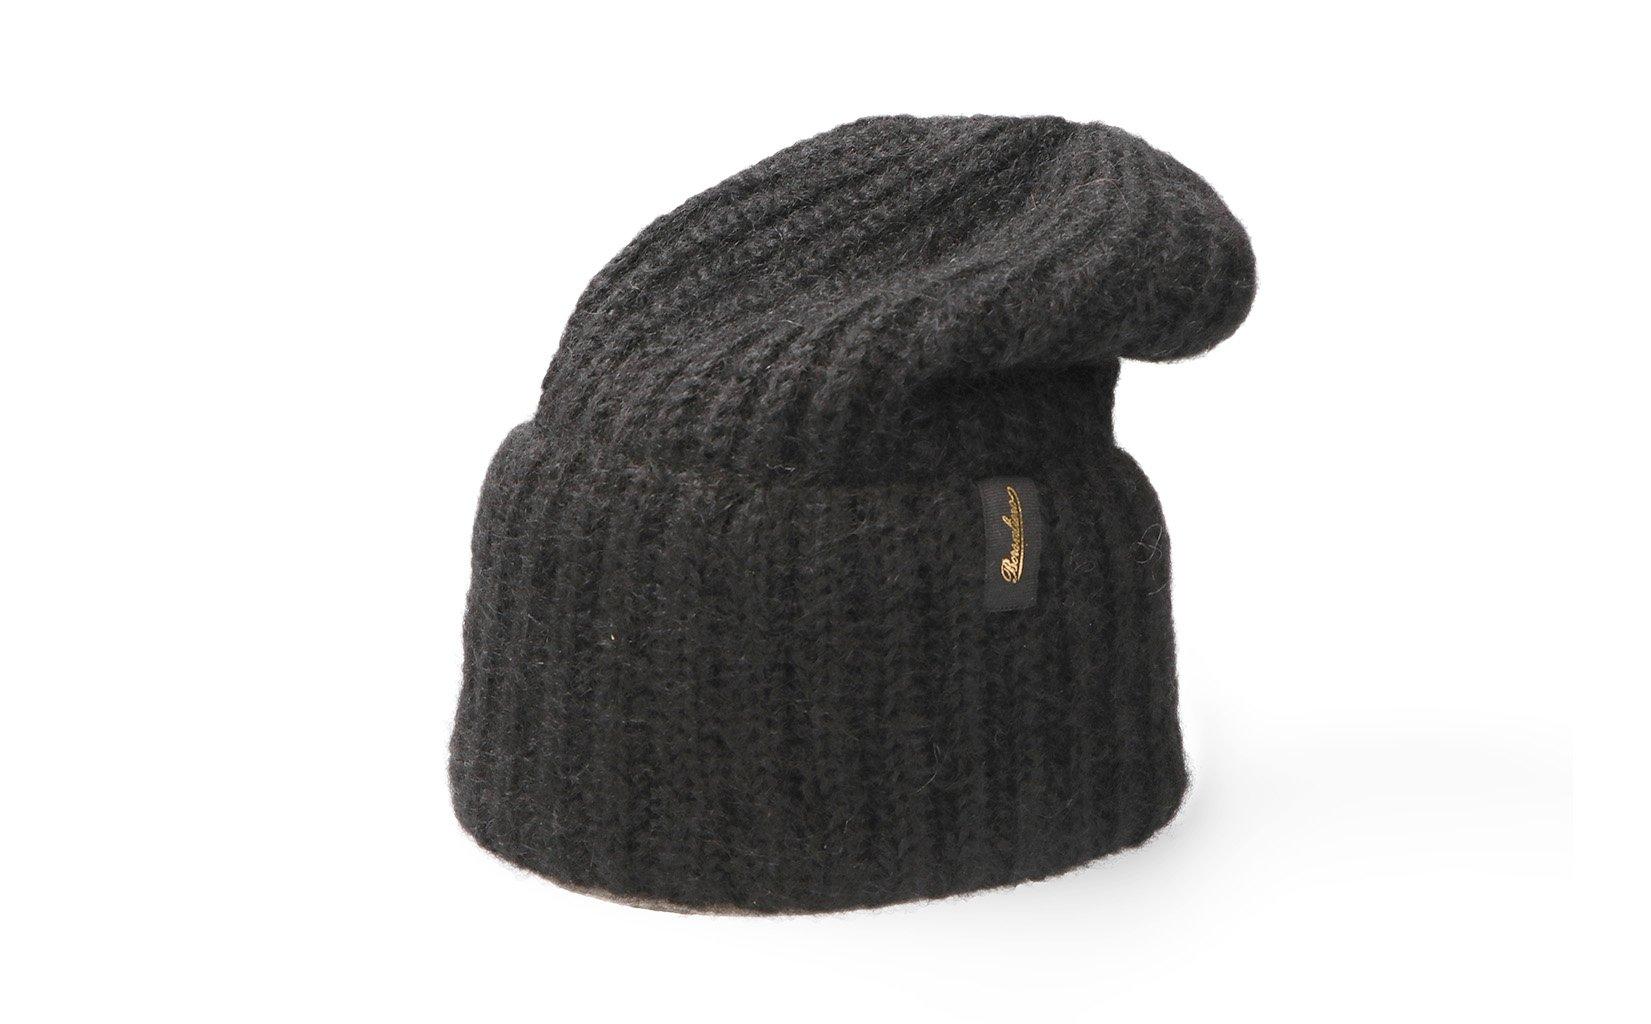 ニット帽 18,000円(税抜)/Borsalino(ボルサリーノ)